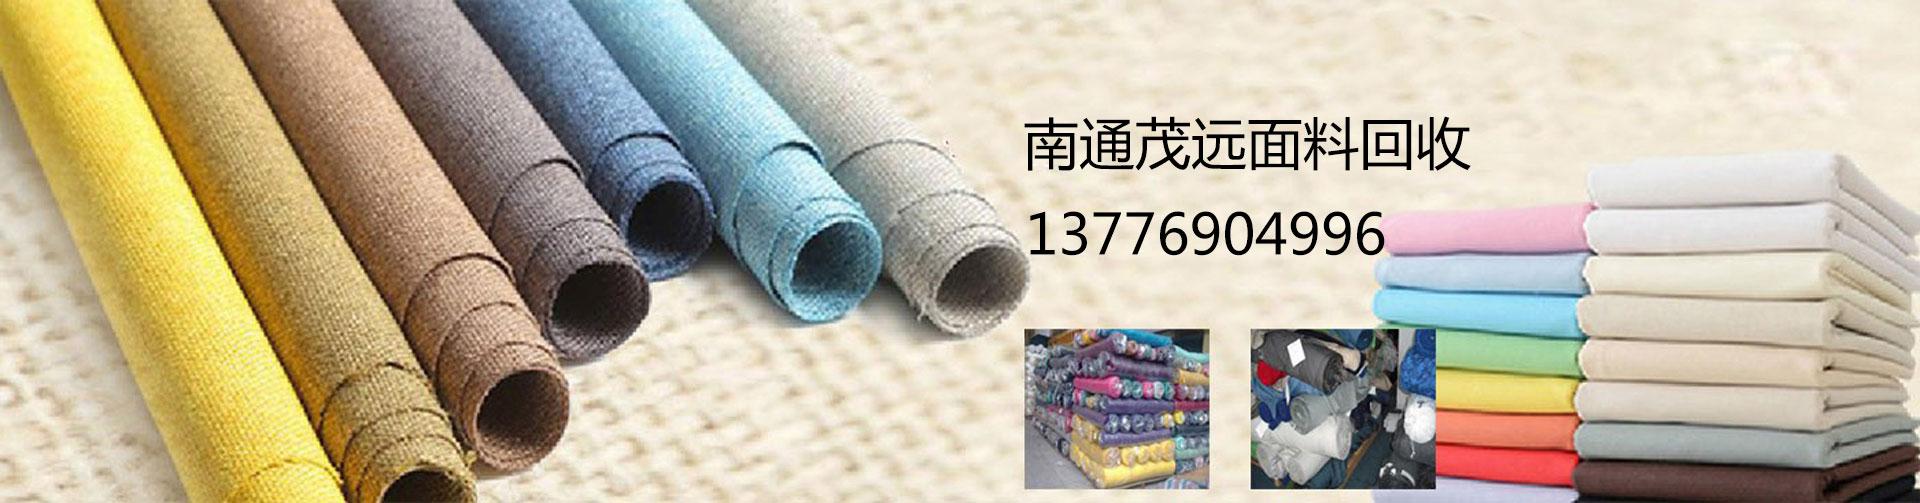 南通纺织品库存回收